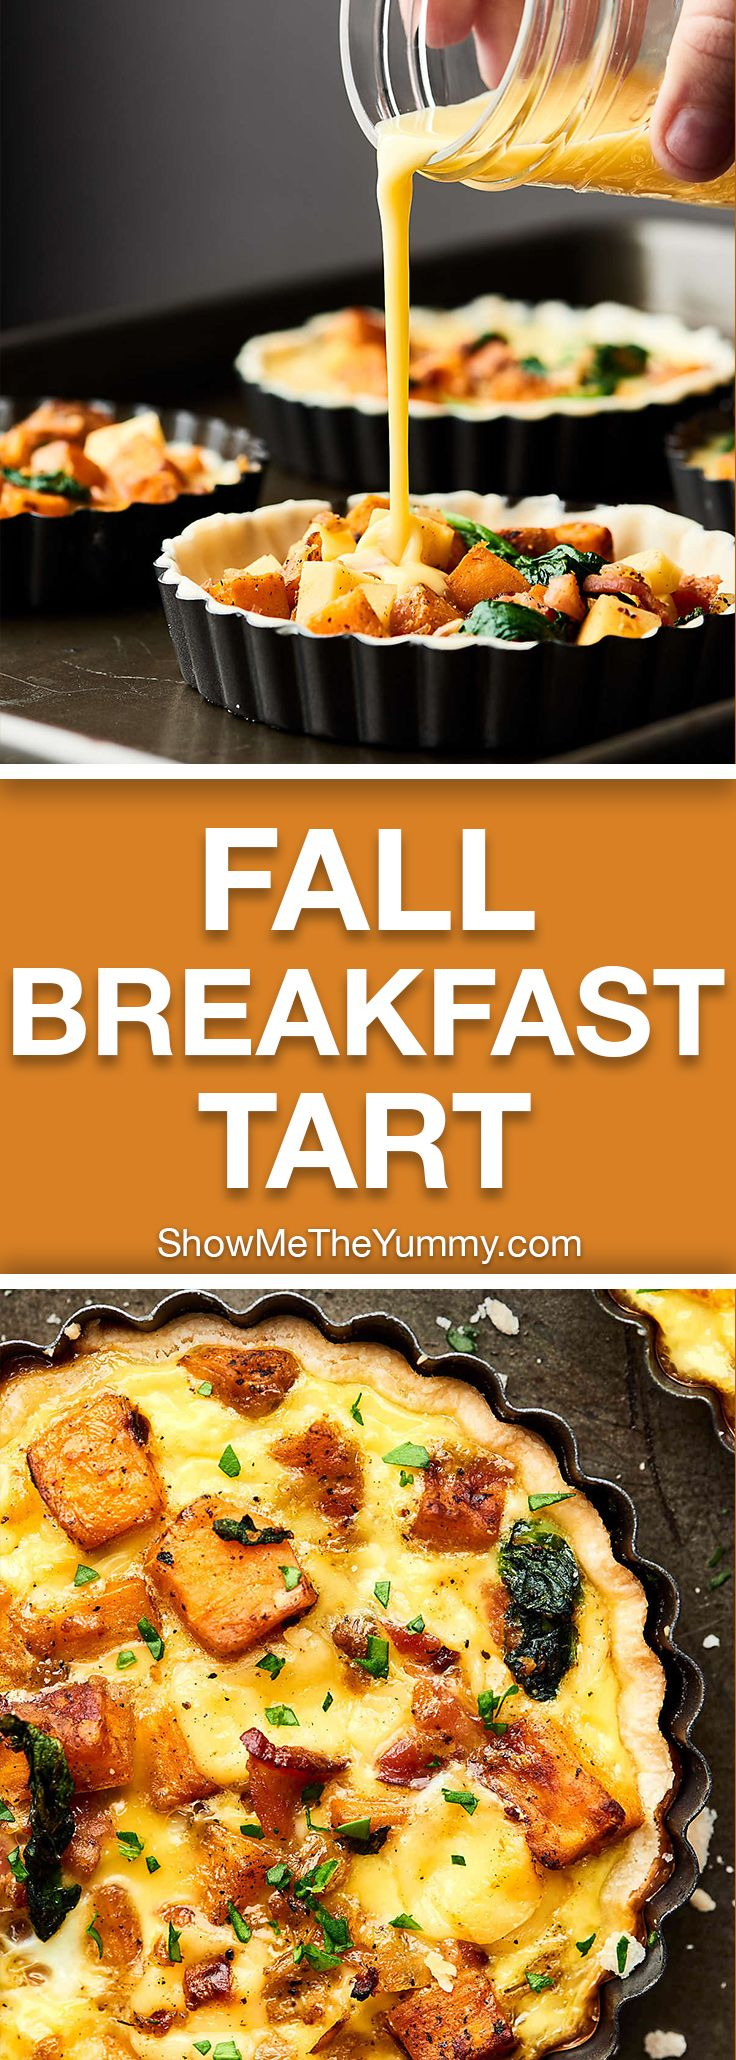 An Easy Cheesy Bacon Breakfast Tart Recipe full of crispy bacon, smoky gouda, and creamy sweet potatoes! Made ultra easy with store bought pie dough! showmetheyummy.com #breakfast #bacon